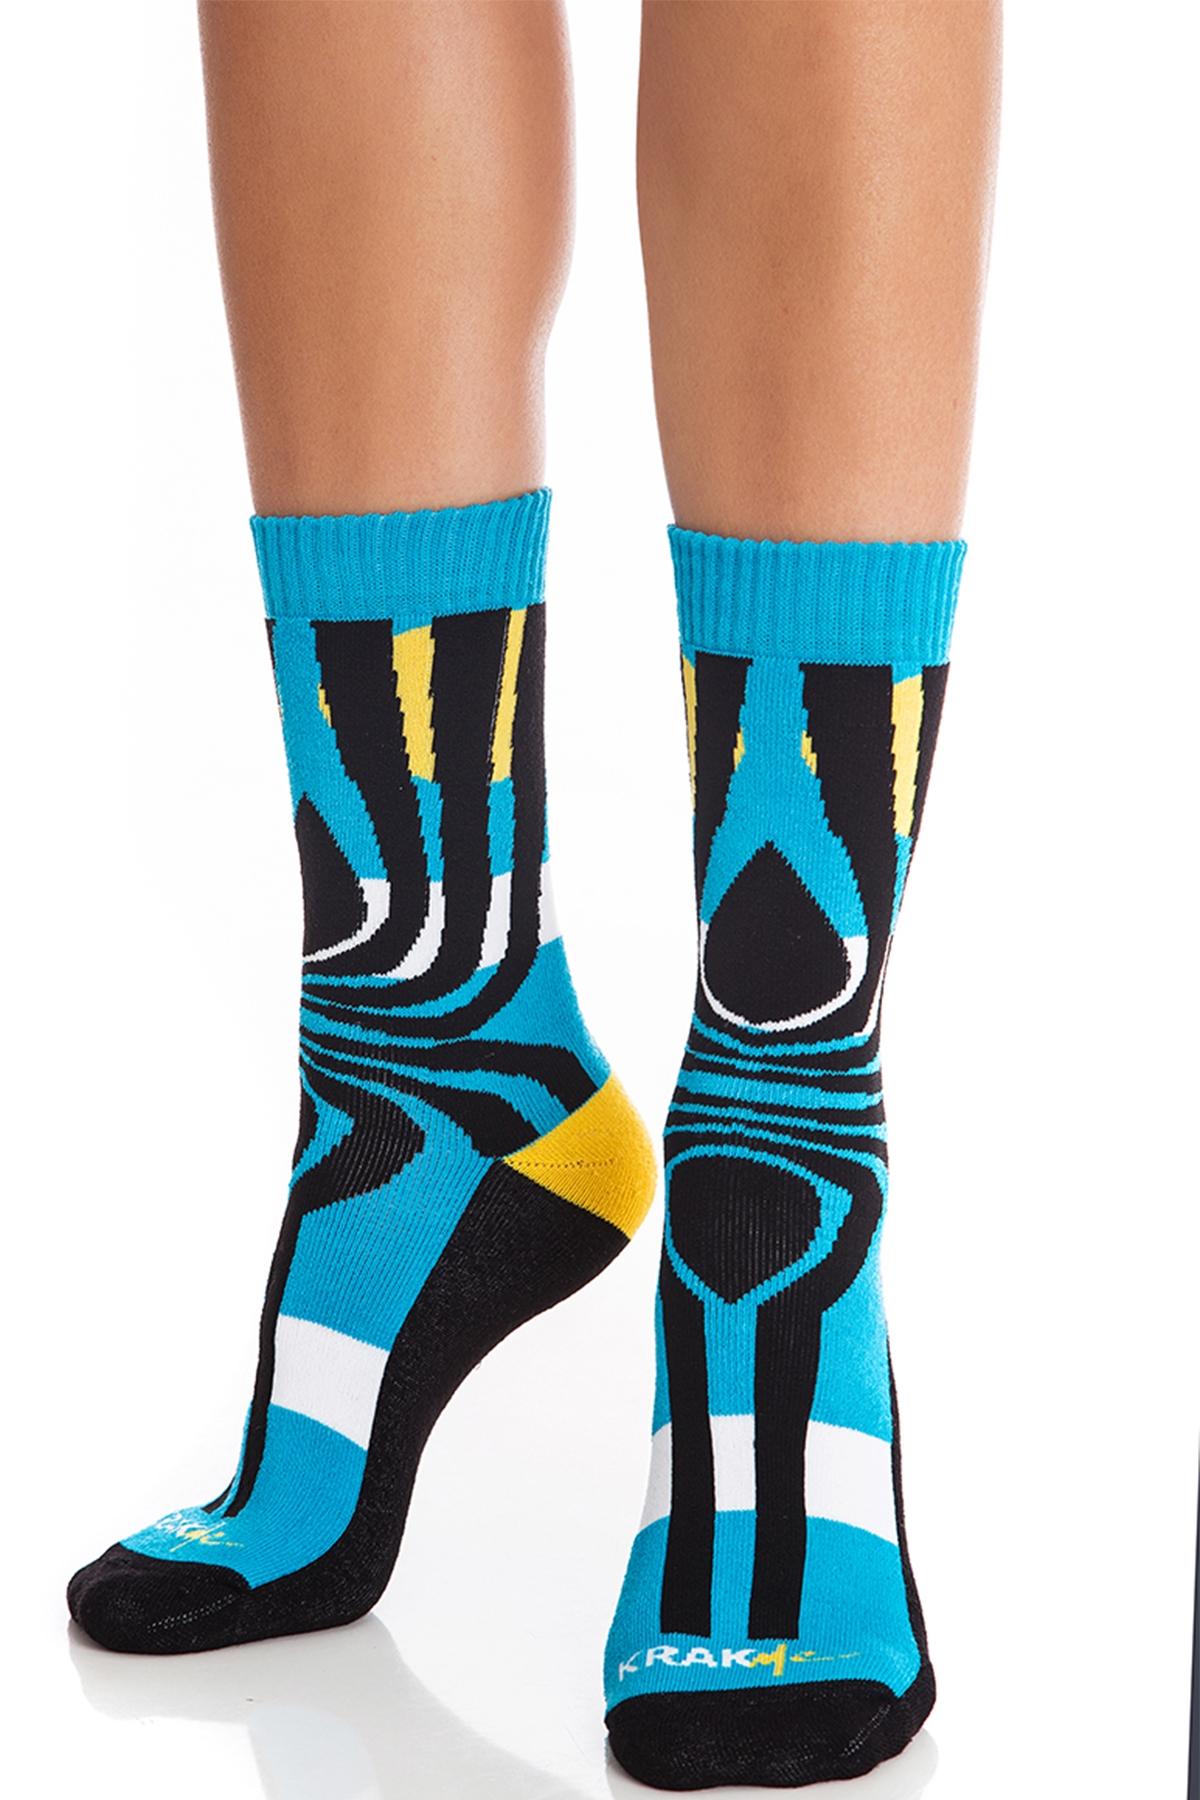 Дамски чорапи Tequila Sunrise Blue / Krak me